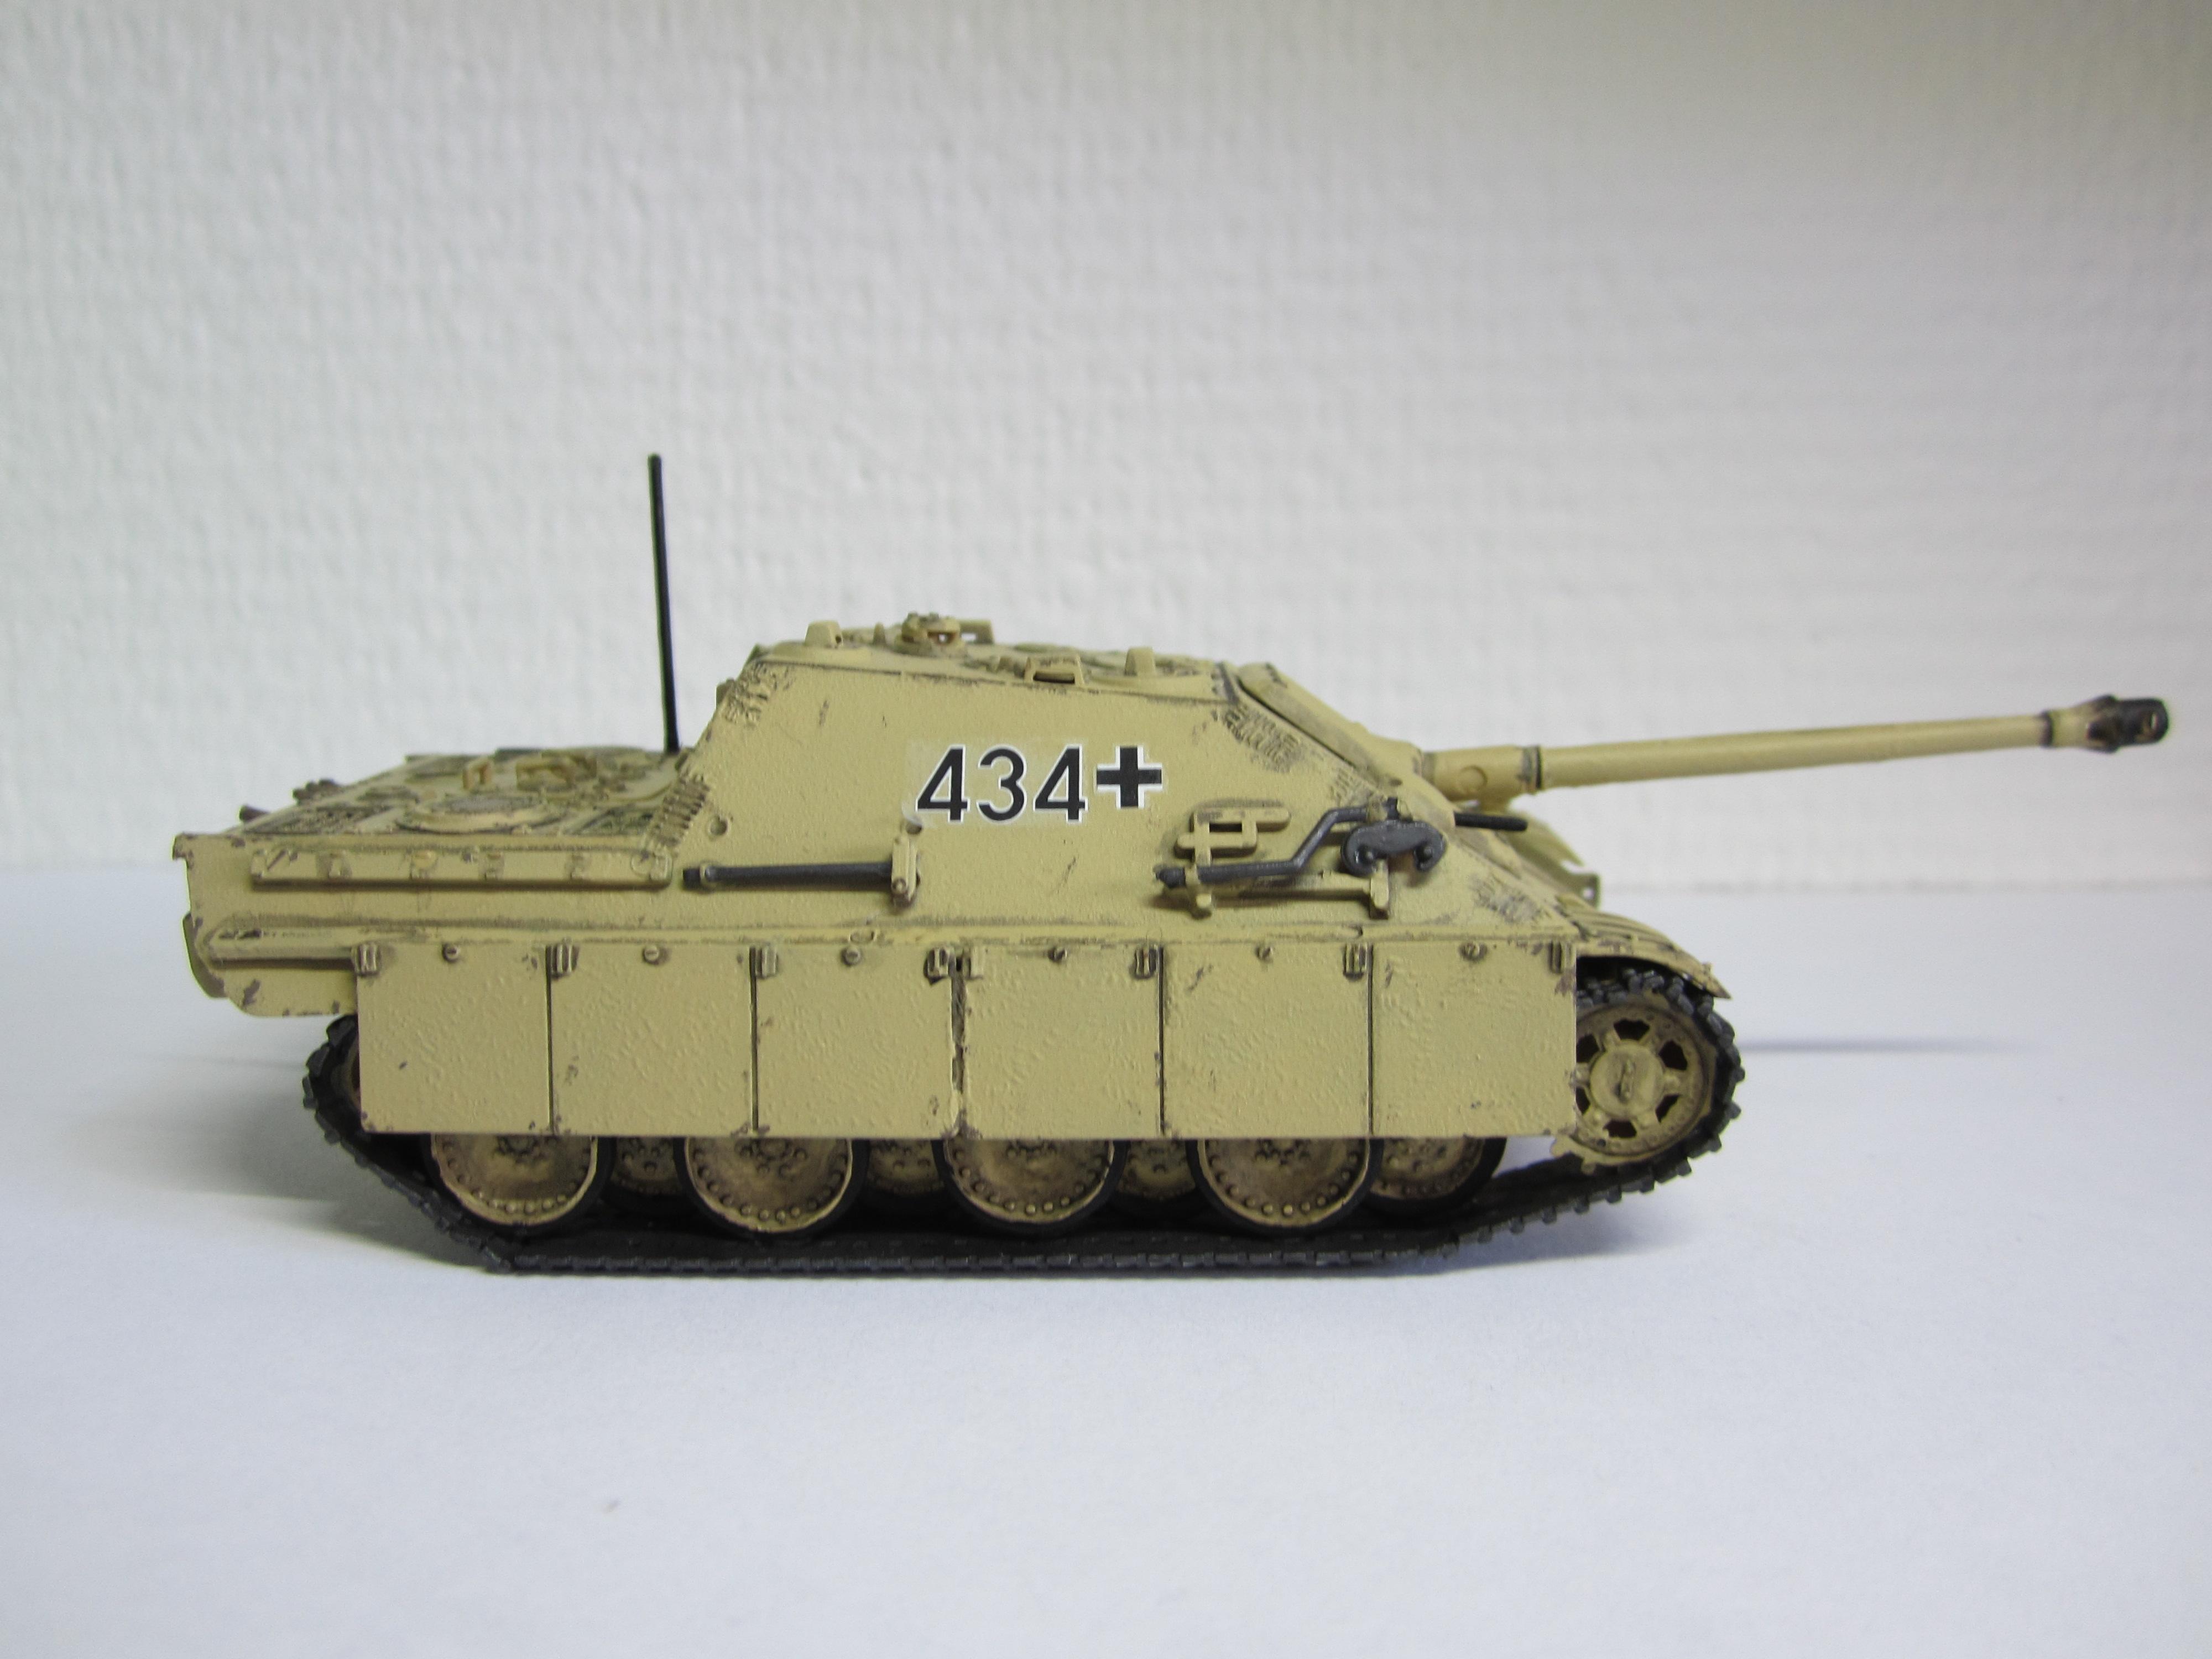 Figuren KöniG's Panzer Lehr Division - Seite 4 Img_3850uhsi8